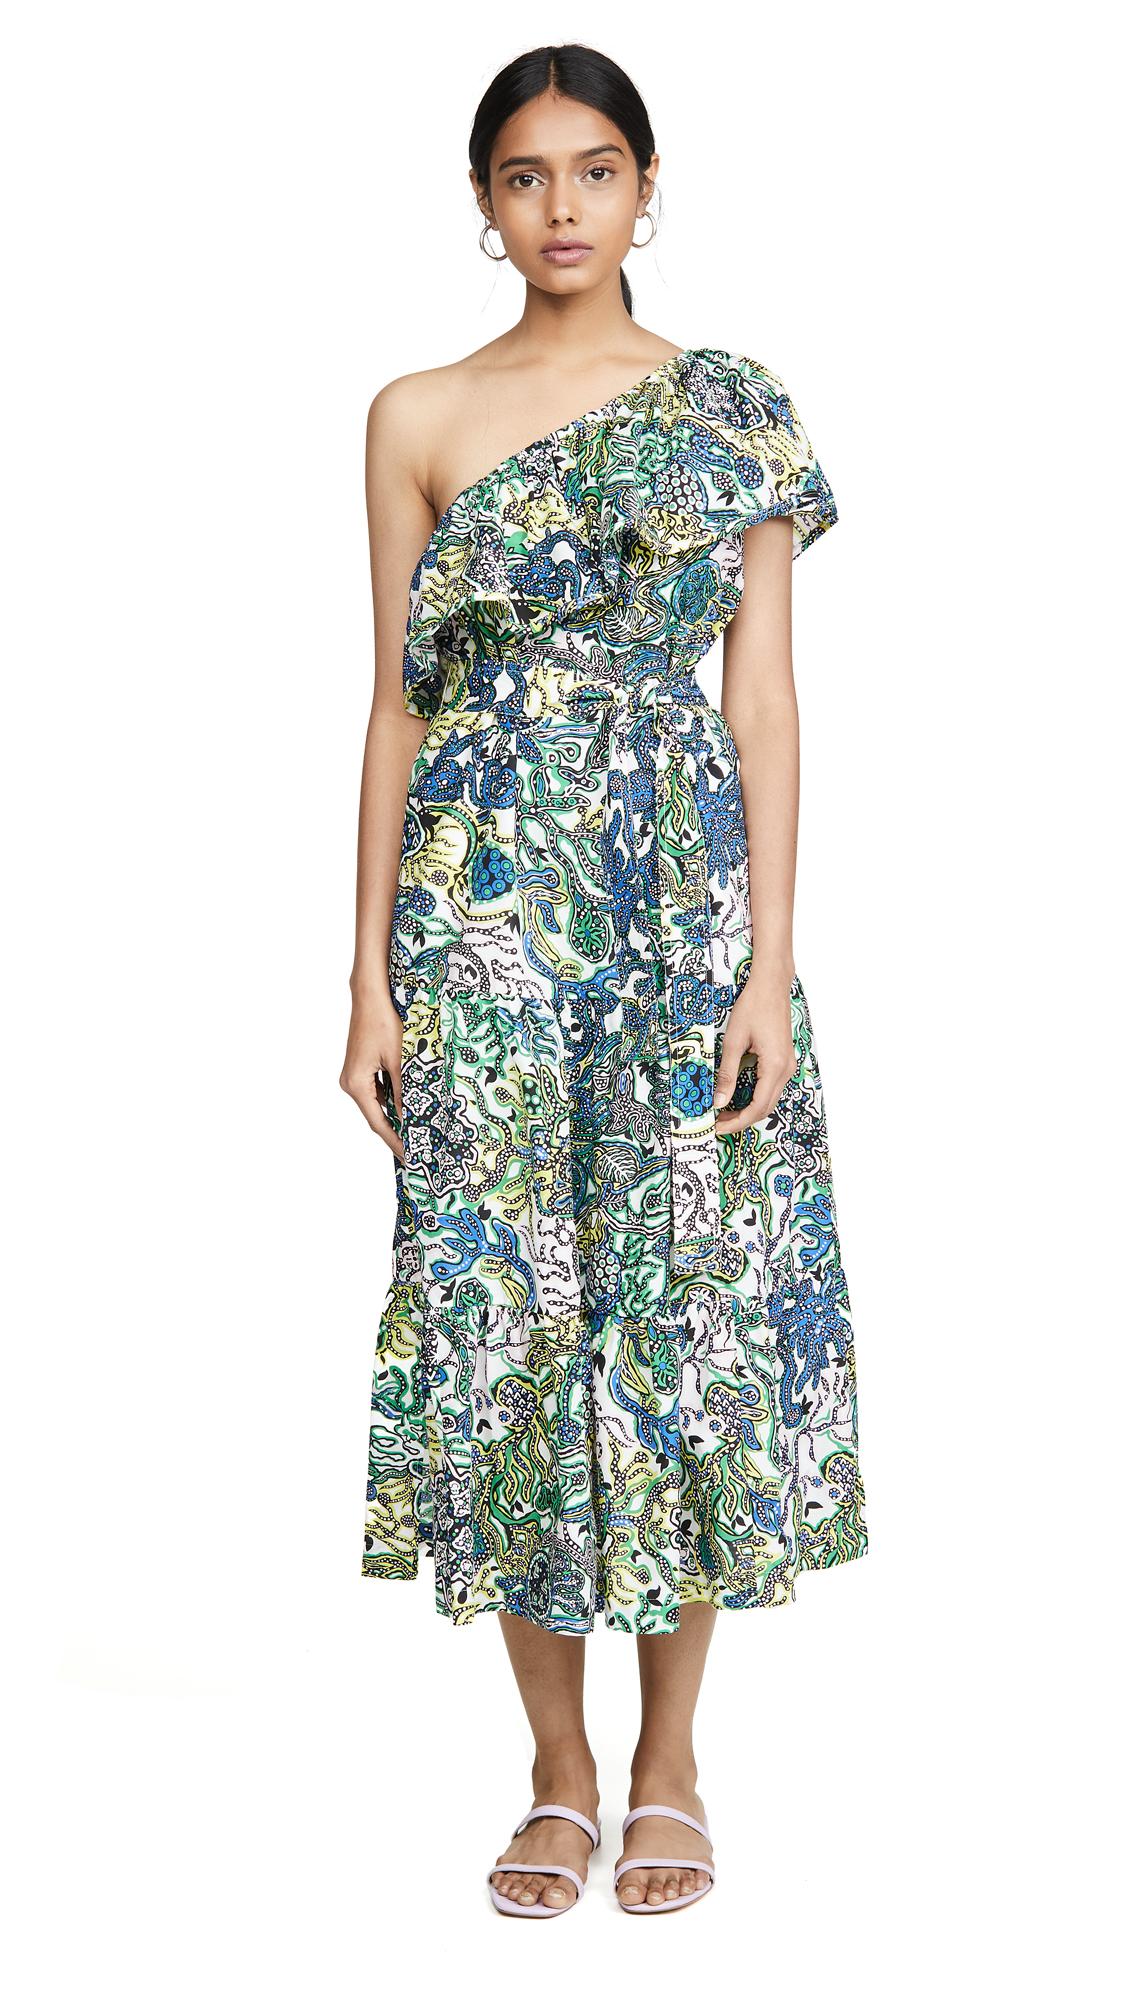 A.L.C. Janelle Dress - Multi